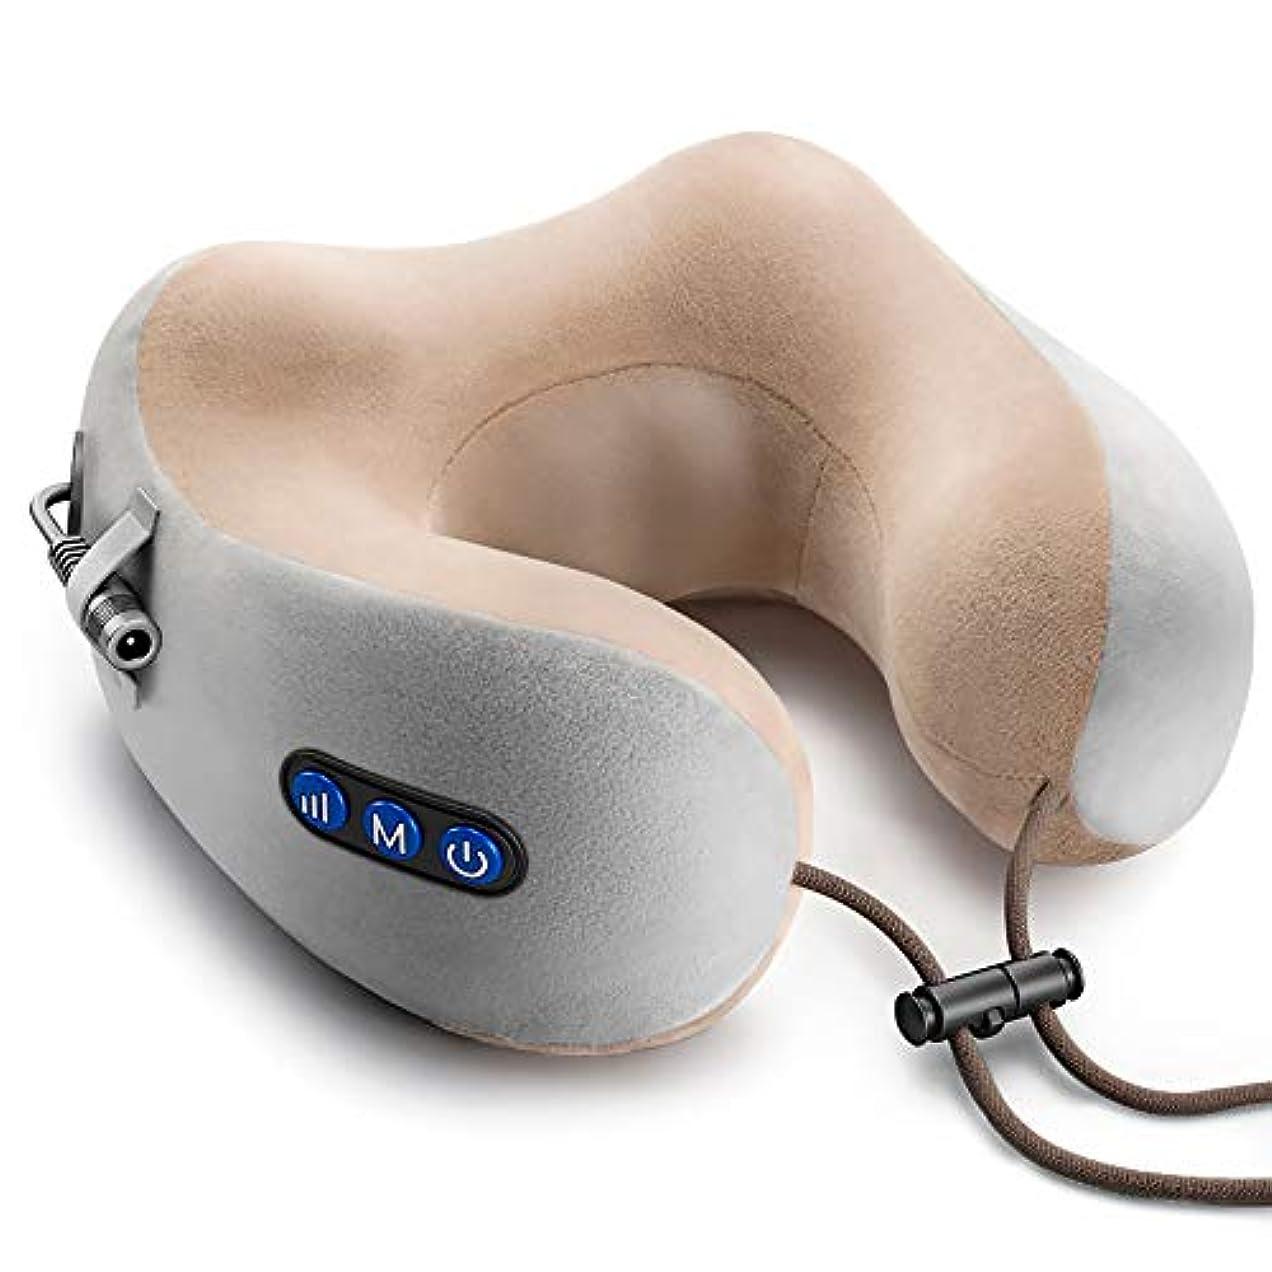 不健康不注意たくさん首マッサージャー ネックマッサージャー U型 USB充電式 3モード 低反発ネックマッサージピロー 自動オフ機能 肩こり ストレス解消 多機能 人間工学 日本語取扱説明書付 プレゼント